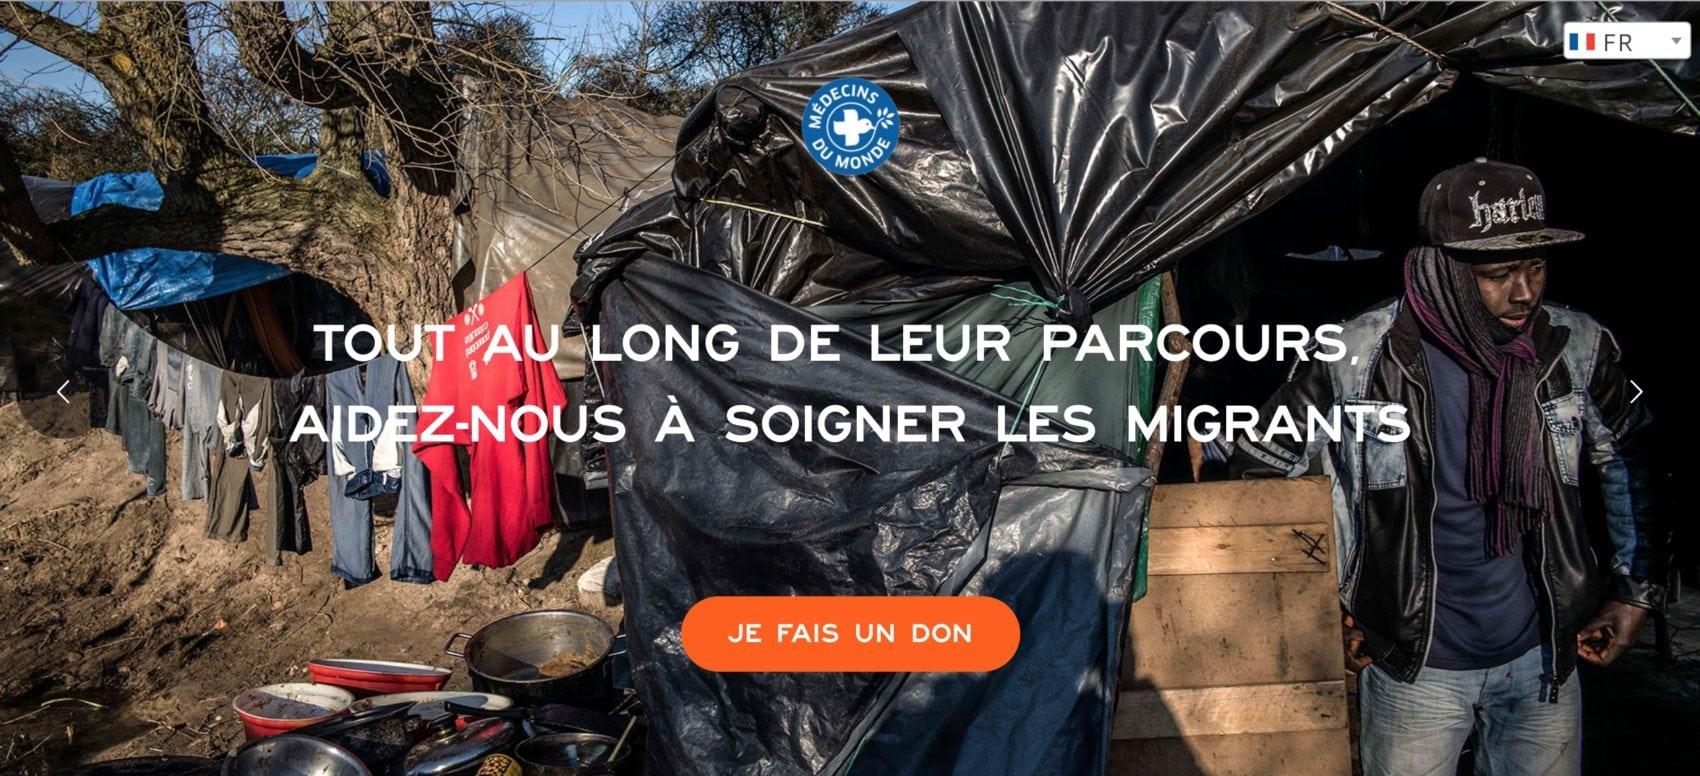 L'Europe de Médecins du Monde se mobilise pour les migrants